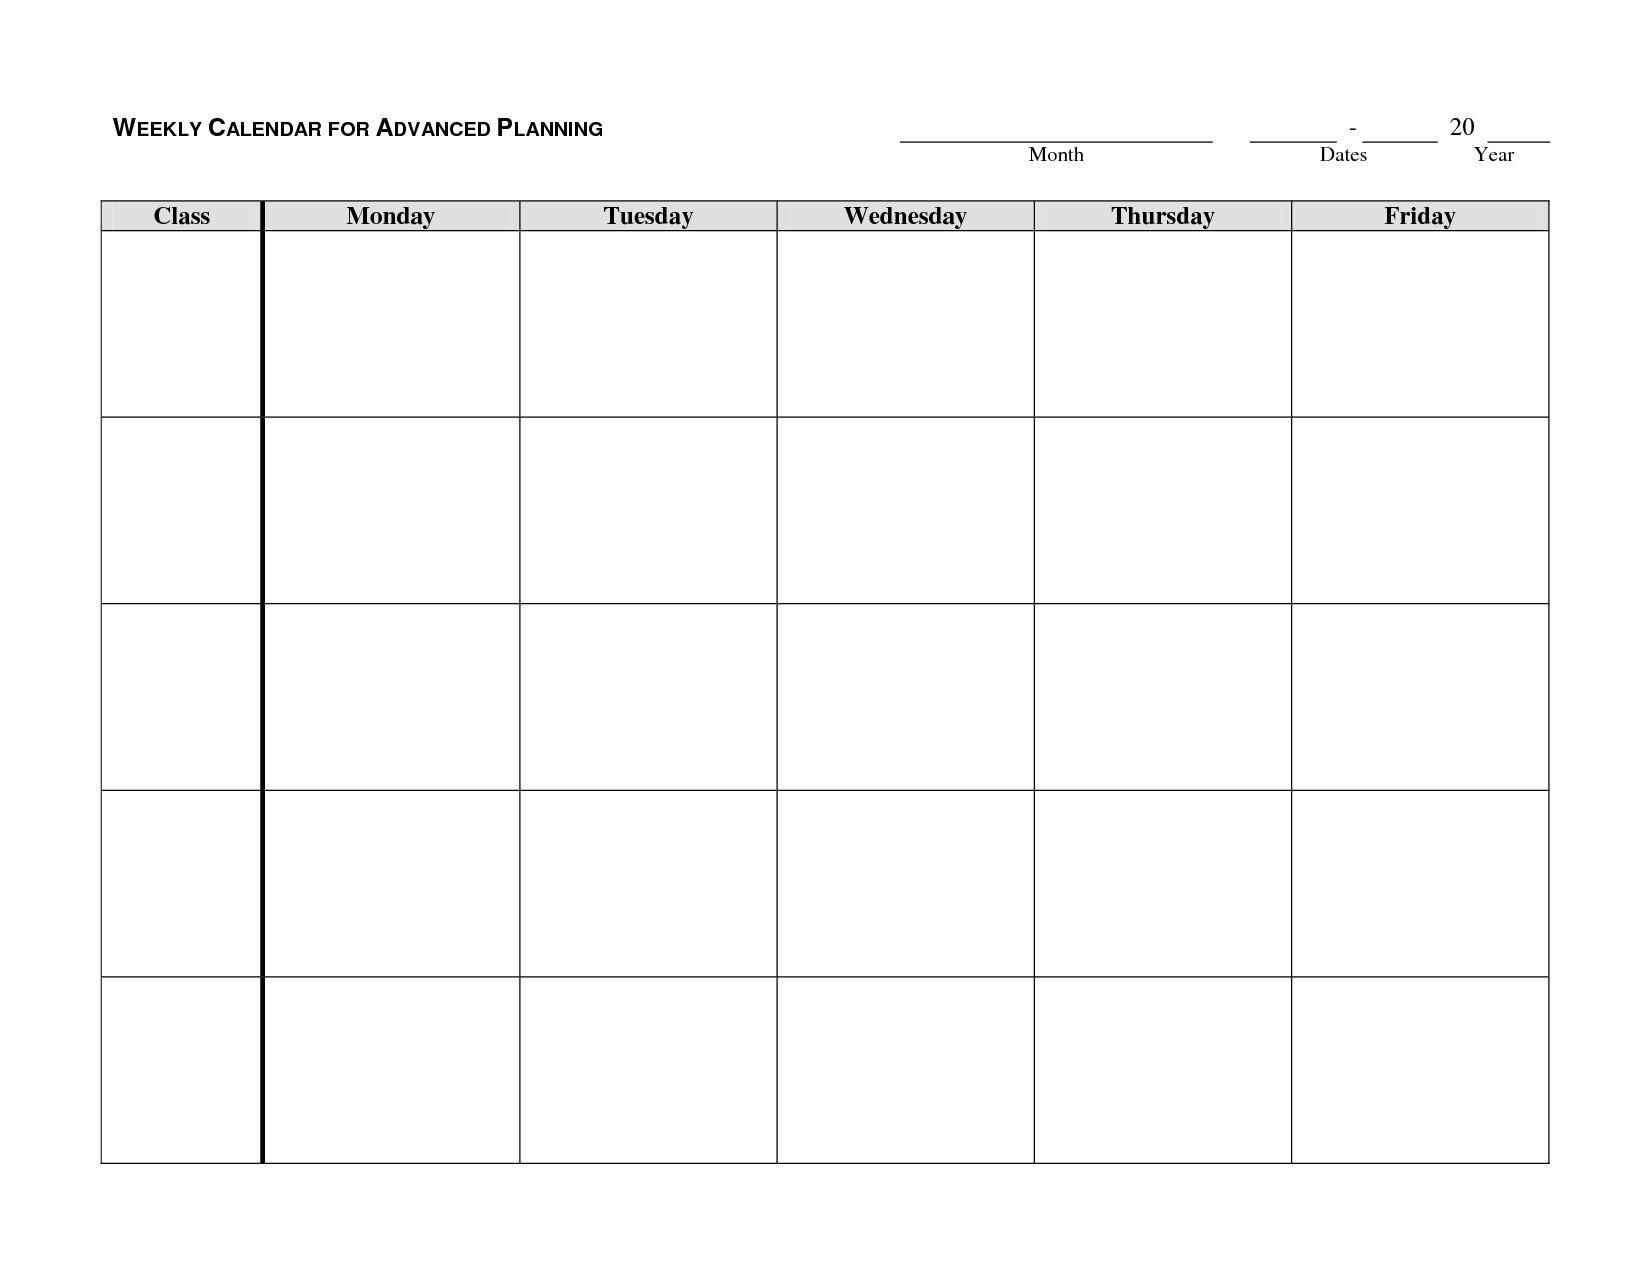 Monday To Friday Calendar Template | Calendar Template Monday Friday Calendar Template Printable